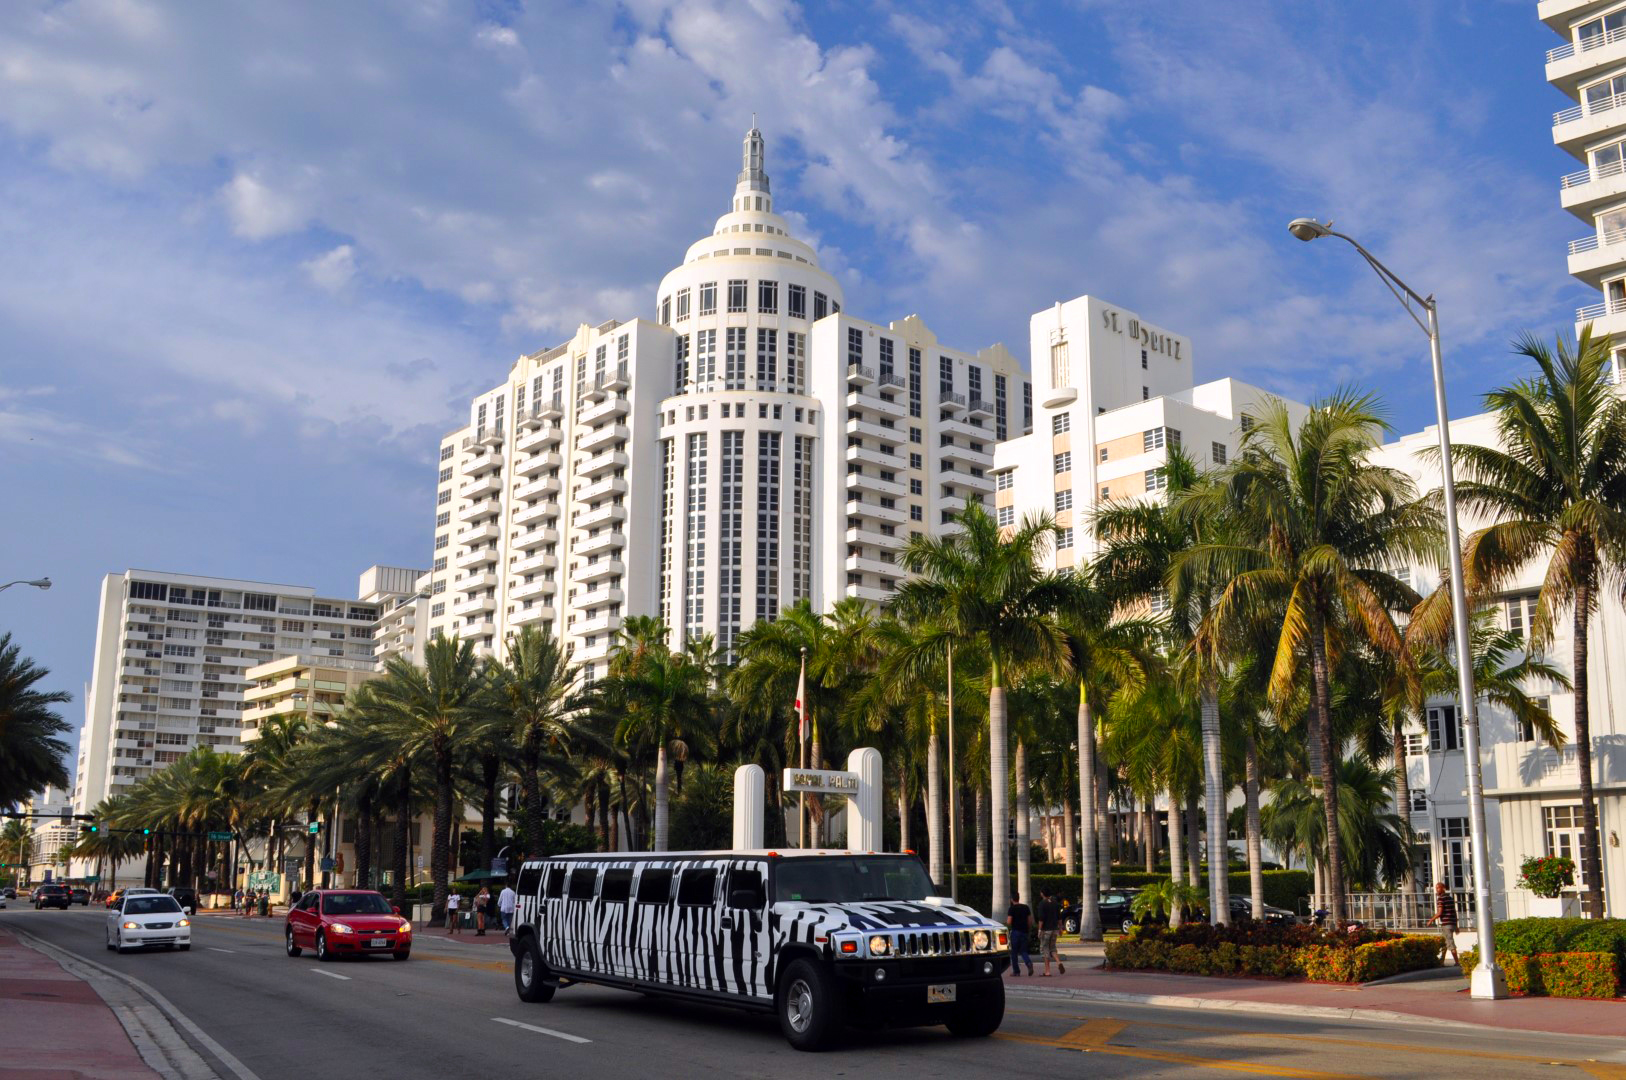 Qué hacer y ver en Miami, Florida Qué hacer y ver en Miami Qué hacer y ver en Miami 31344970916 26d131b363 o